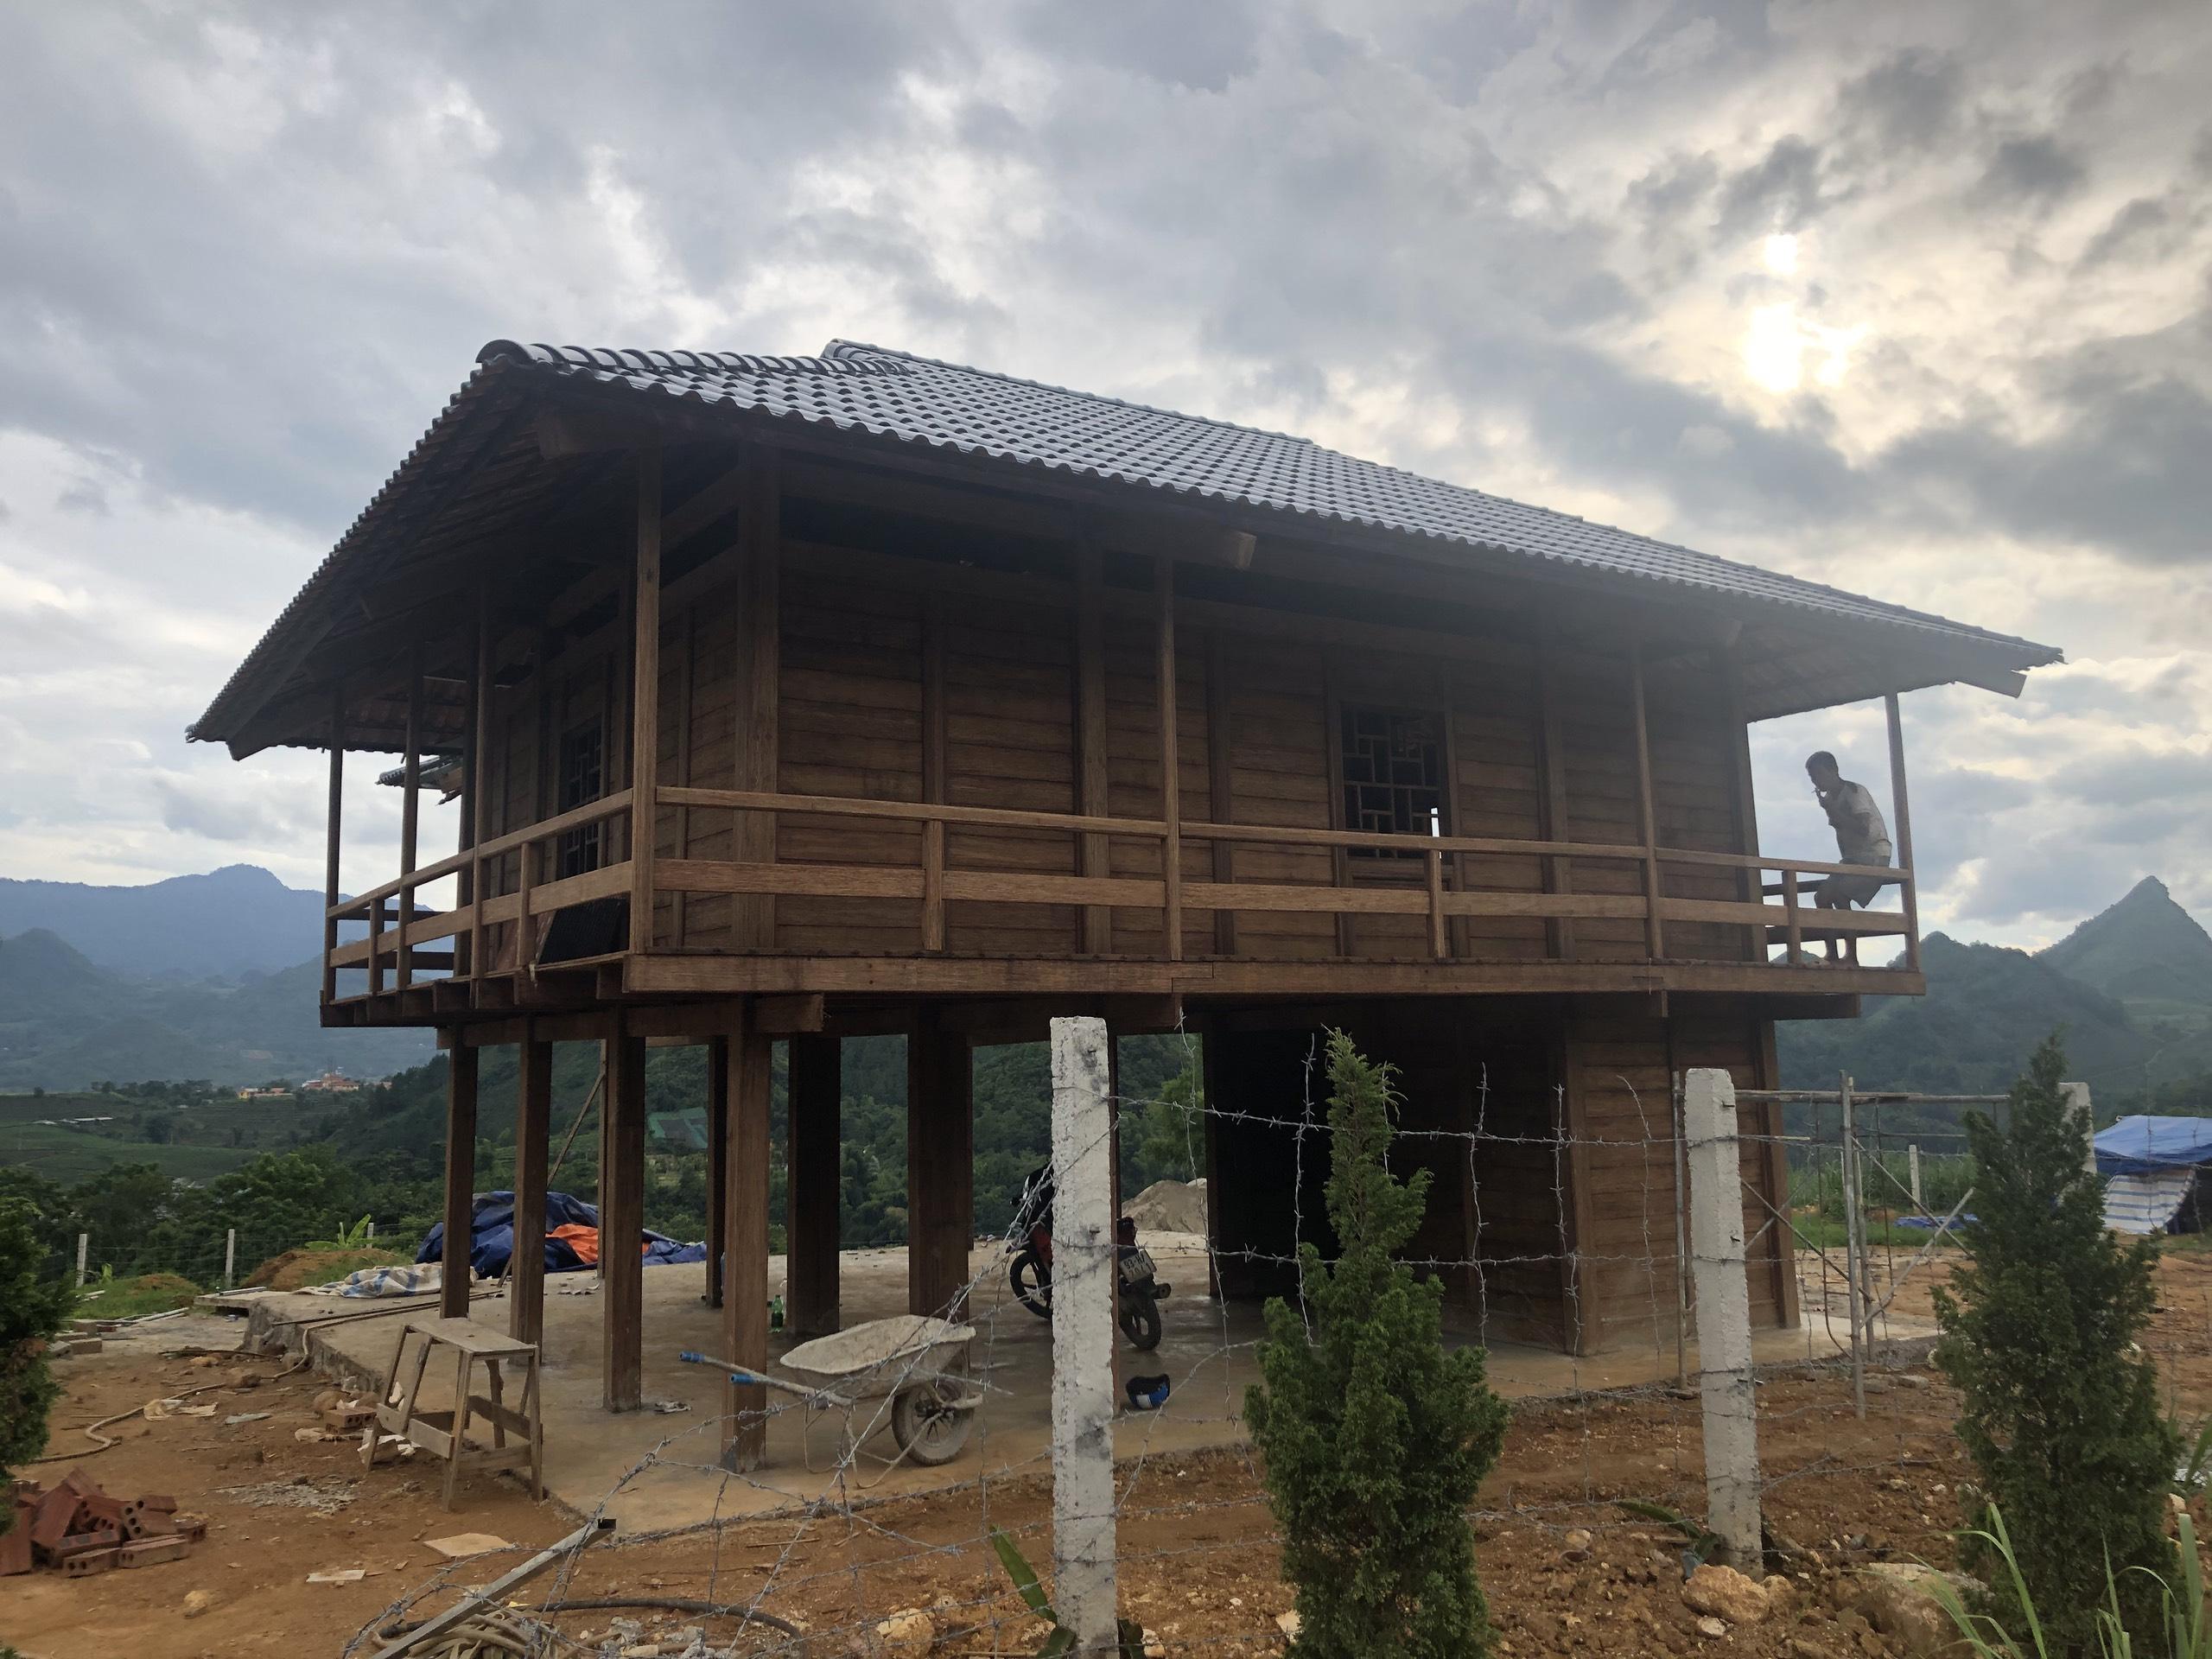 Căn nhà sàn 35m2 tại Mai Châu được xây dựng từ tre ép khối, có chất lượng tương đương nhà sàn làm từ các loại gỗ tự nhiên nhóm III. Ảnh: Nhóm nghiên cứu